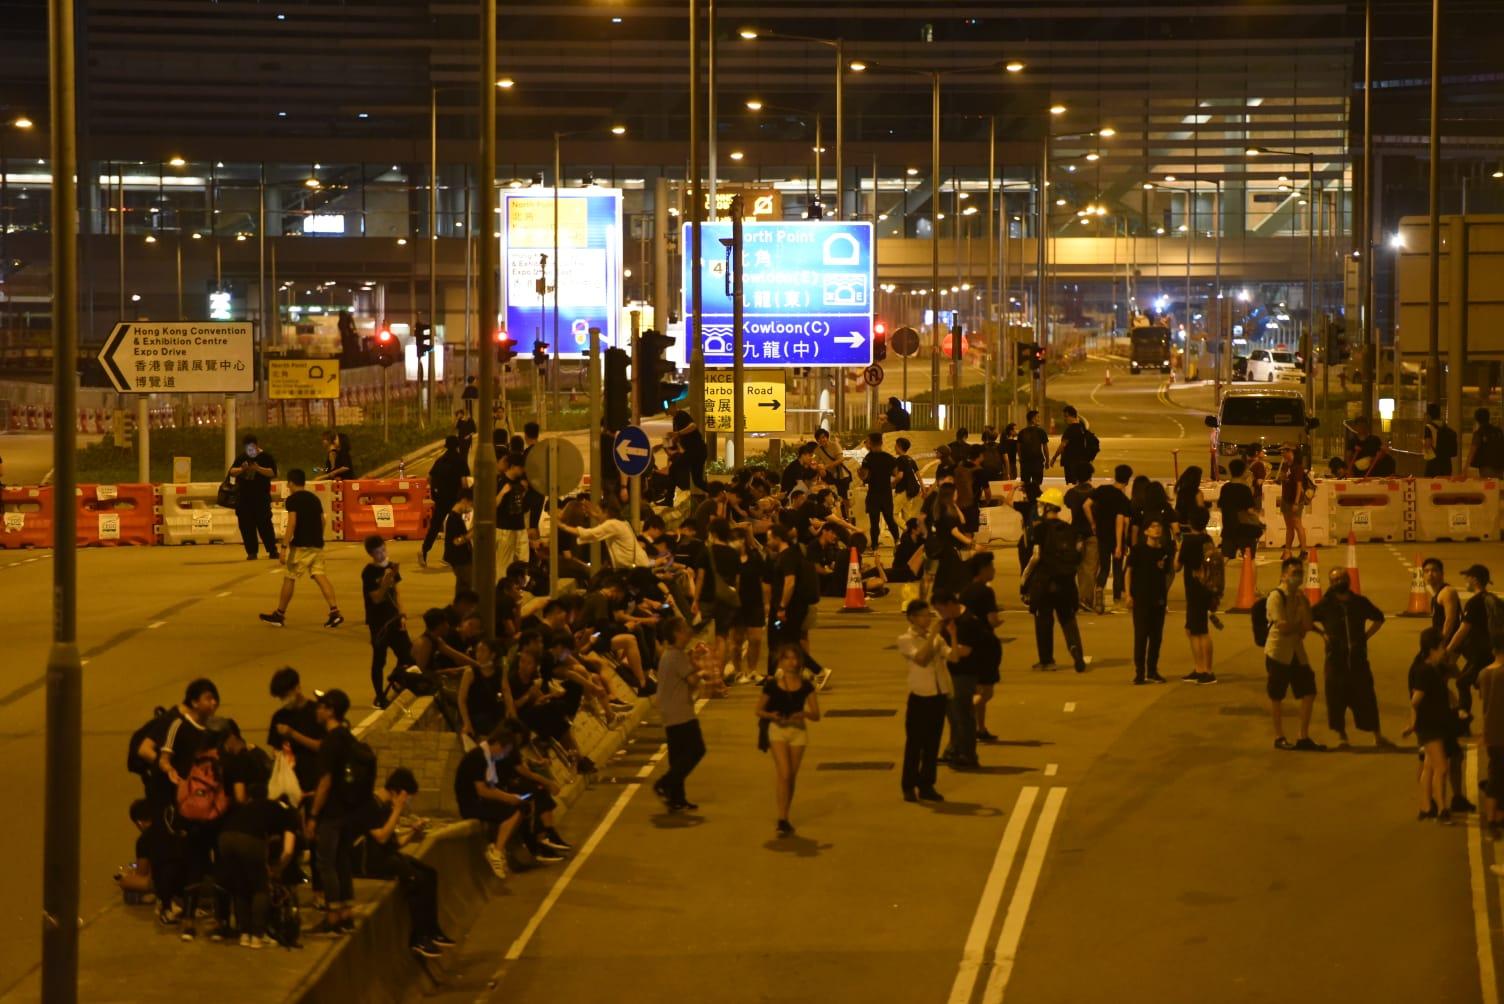 【逃犯條例】凌晨仍有大批市民佔據金鐘一帶馬路